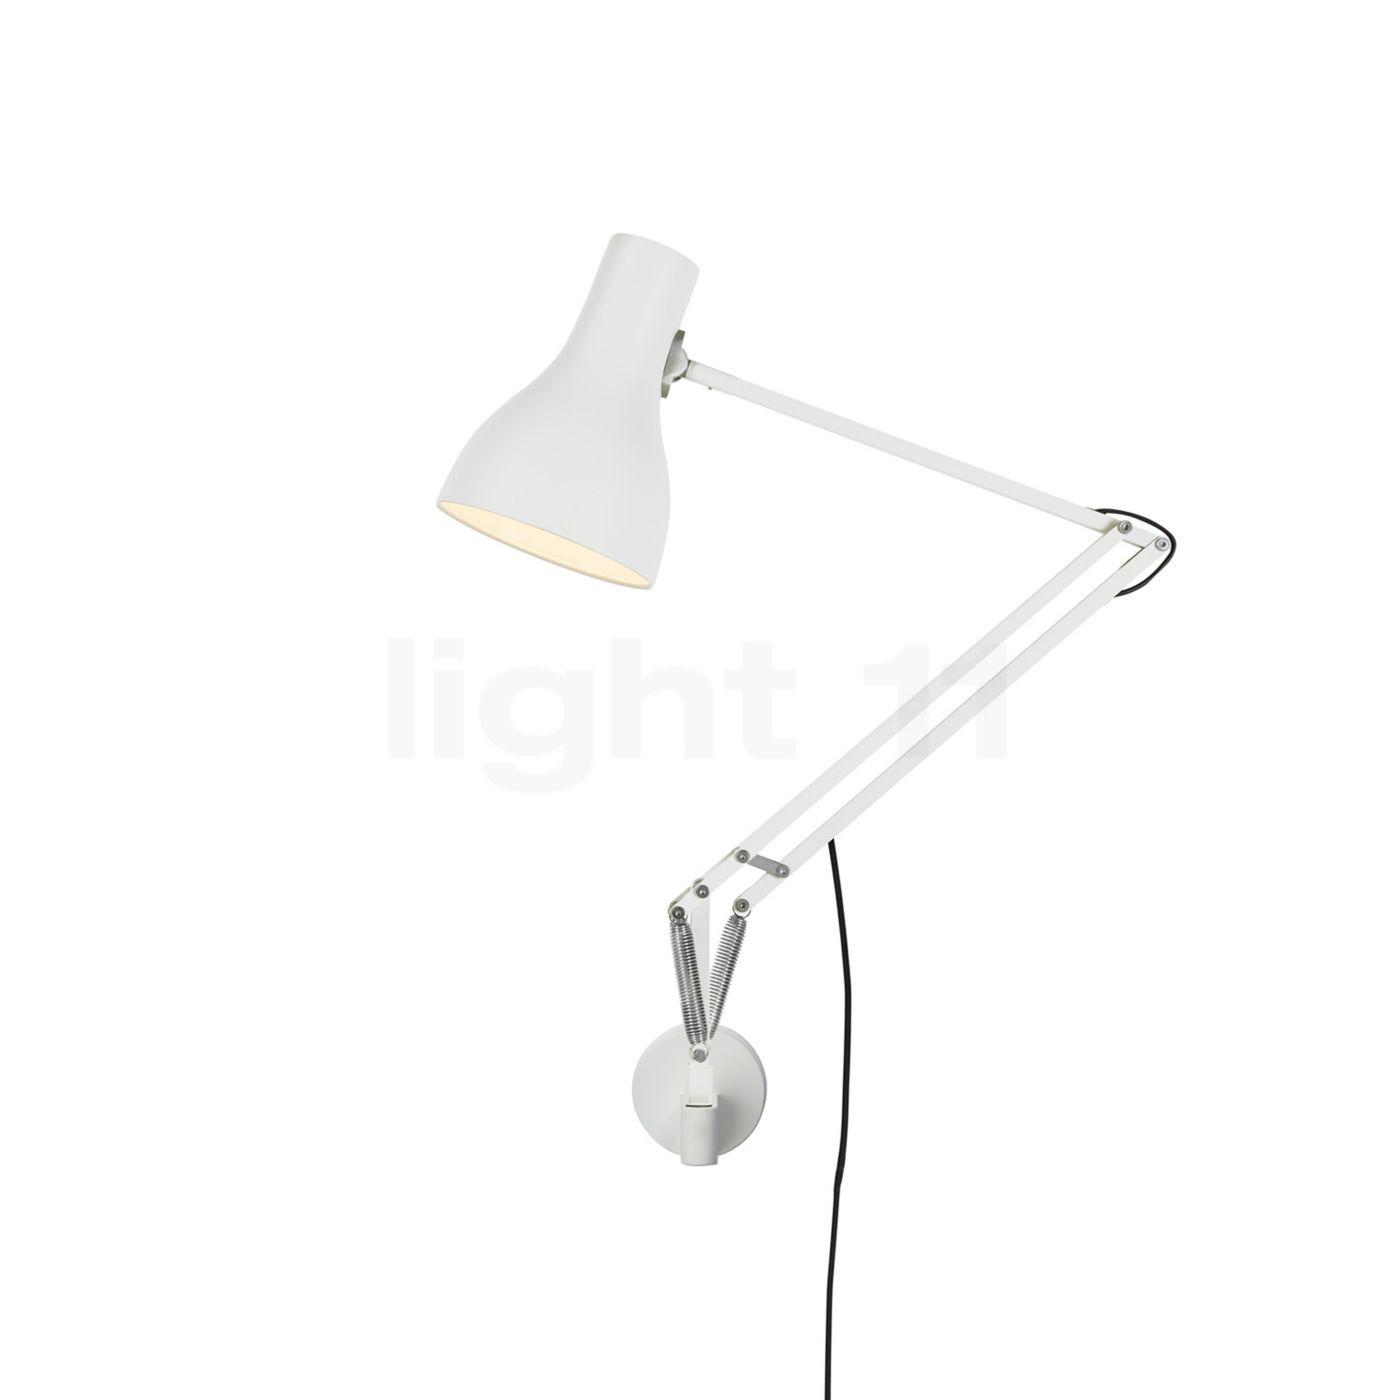 Anglepoise Type 75 Lampe De Bureau Avec Fixation Murale En Vente Sur